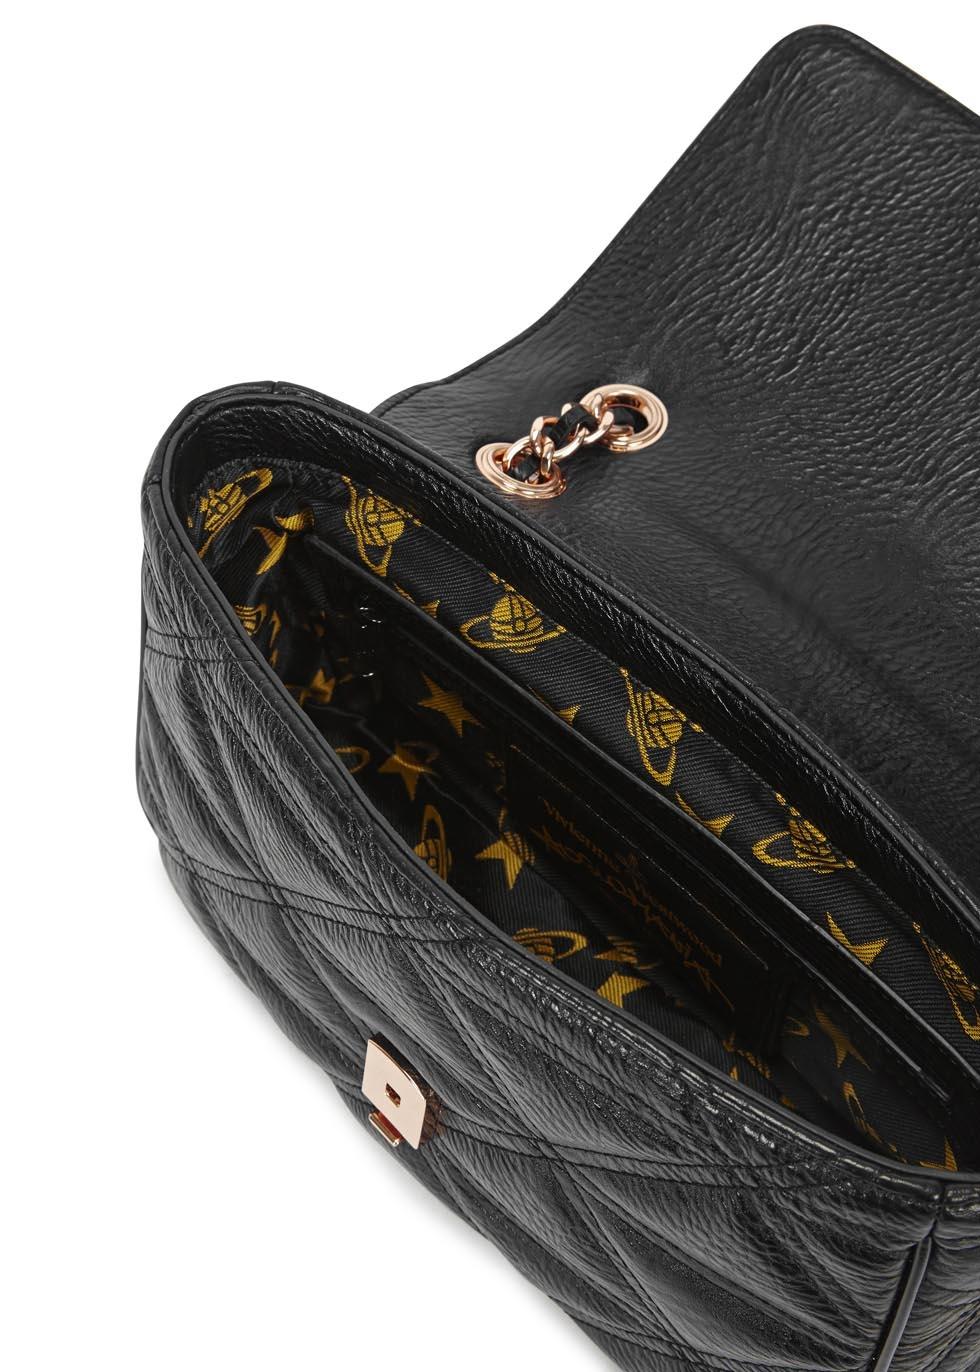 63d9c51ea1 Vivienne Westwood Anglomania Sharlemania Black Leather Shoulder Bag ...